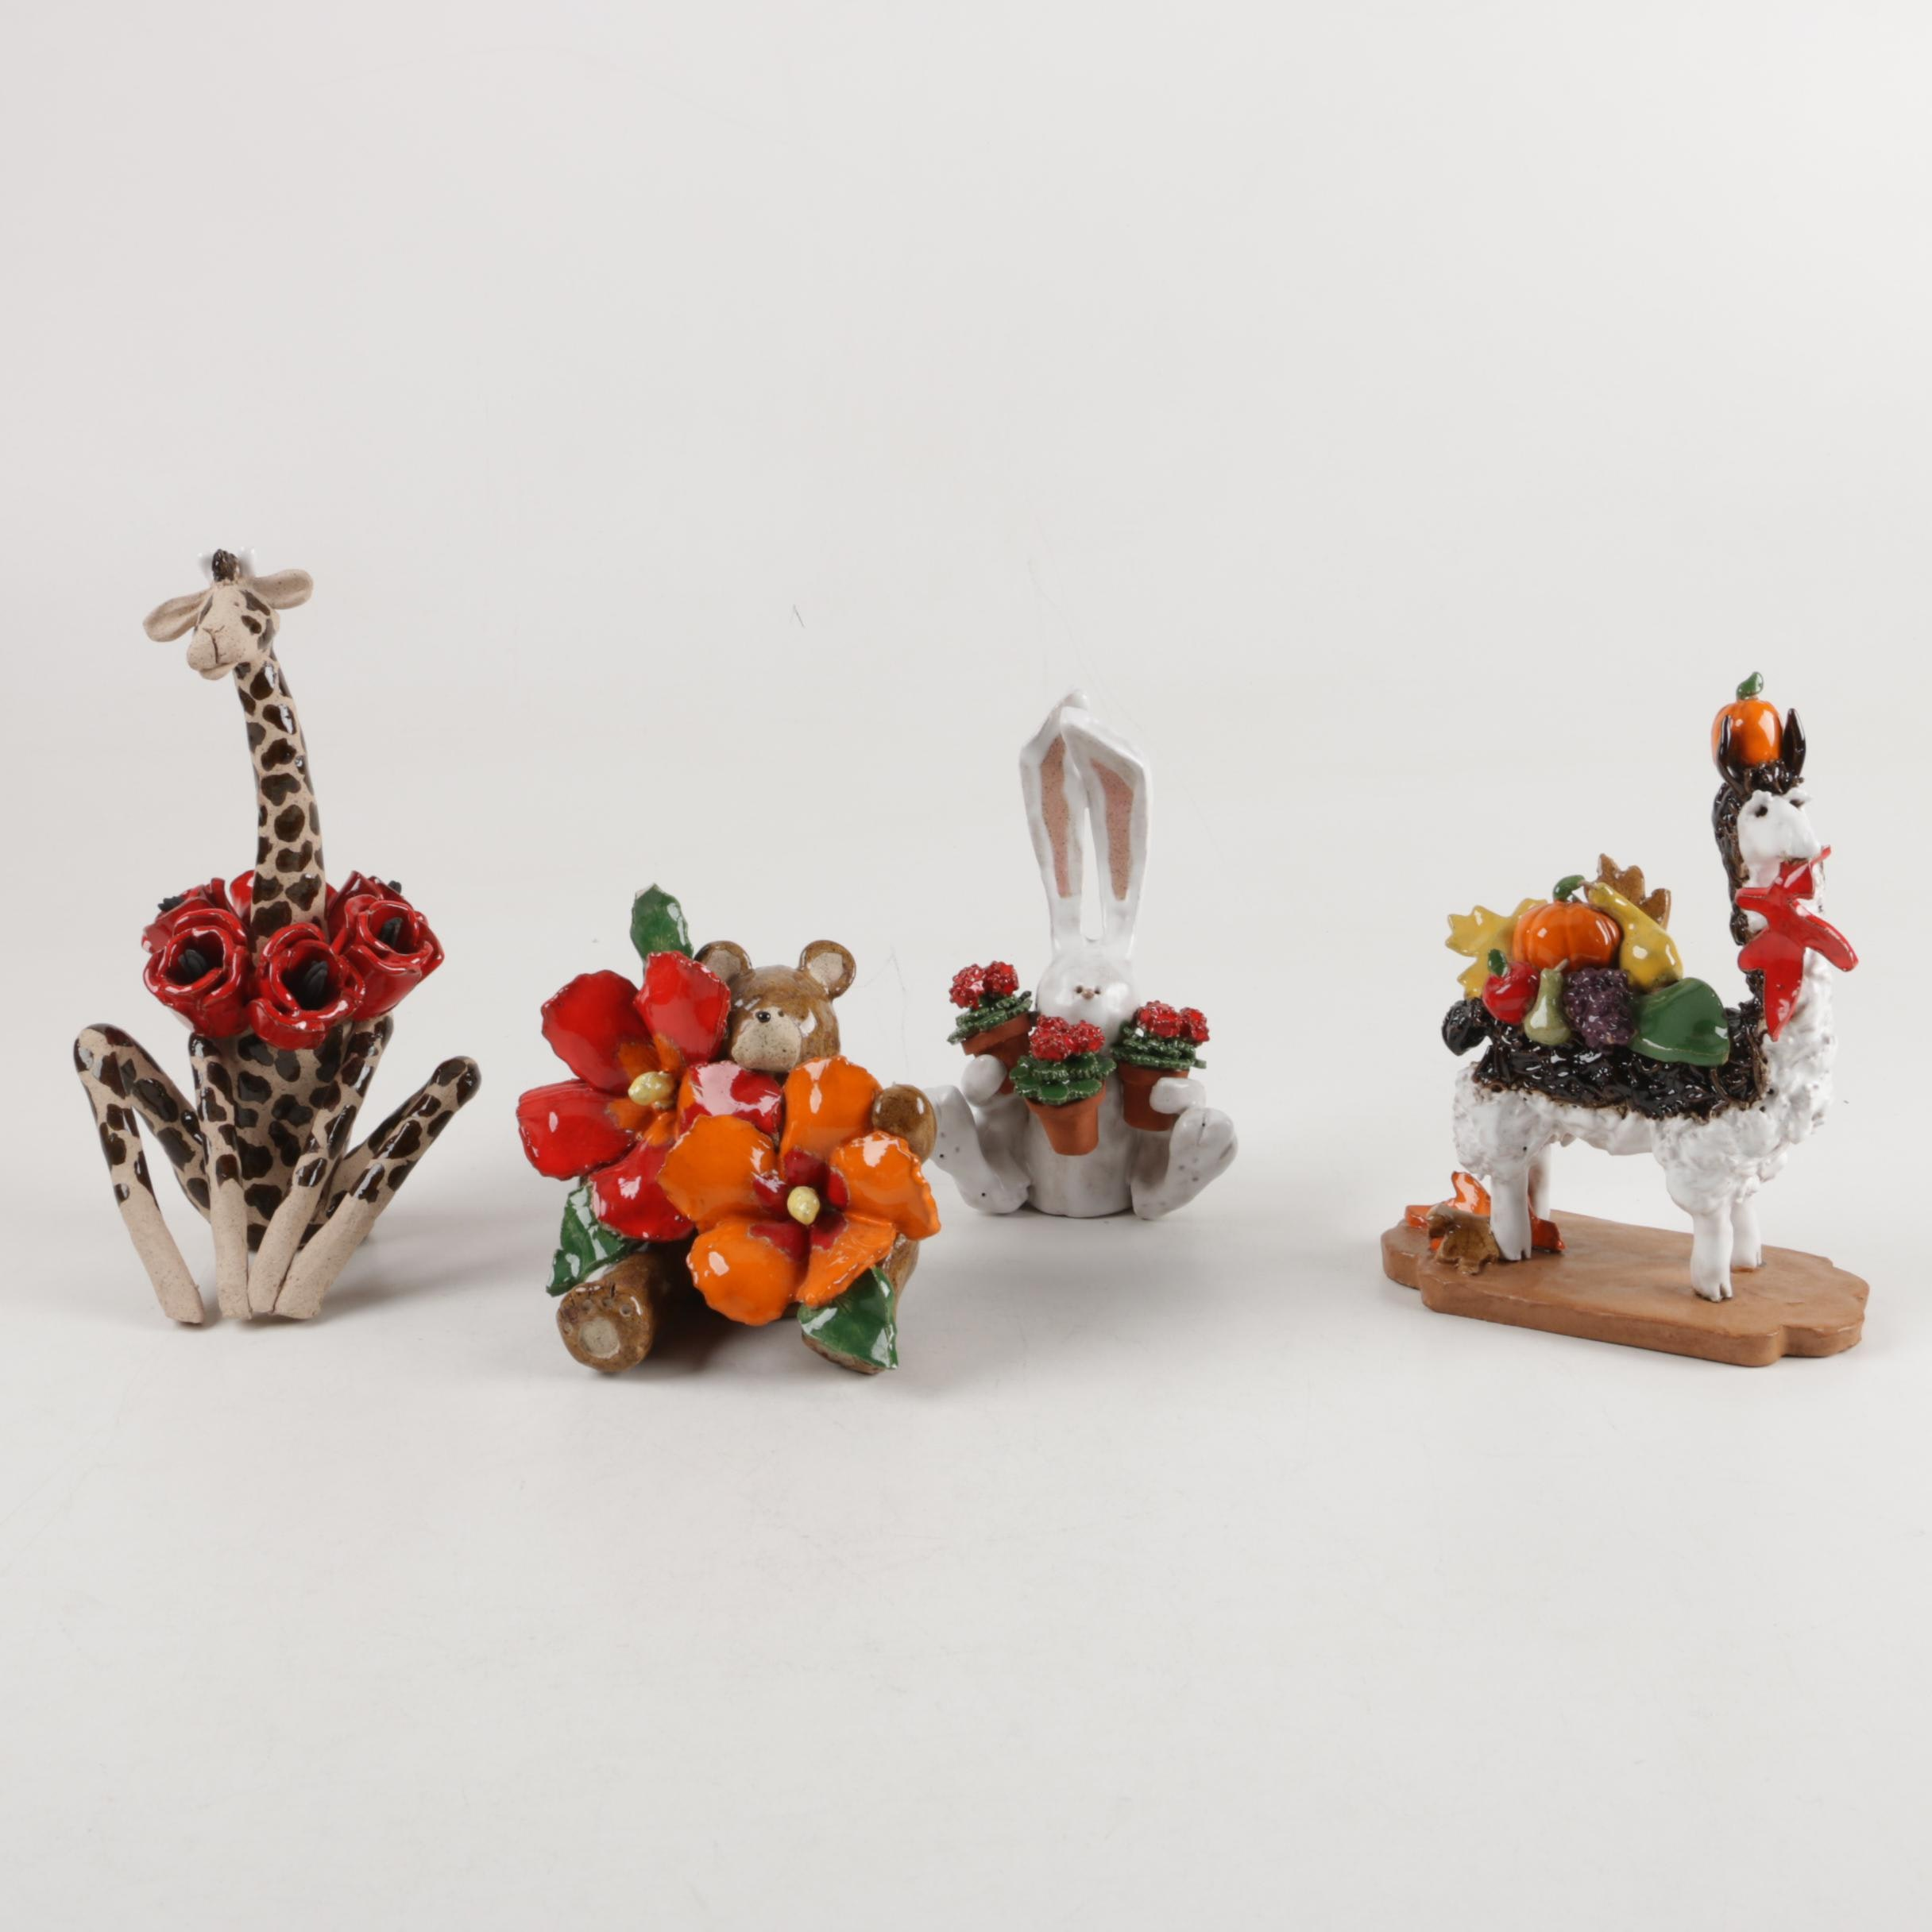 Assortment of Ceramic Animal Figurines